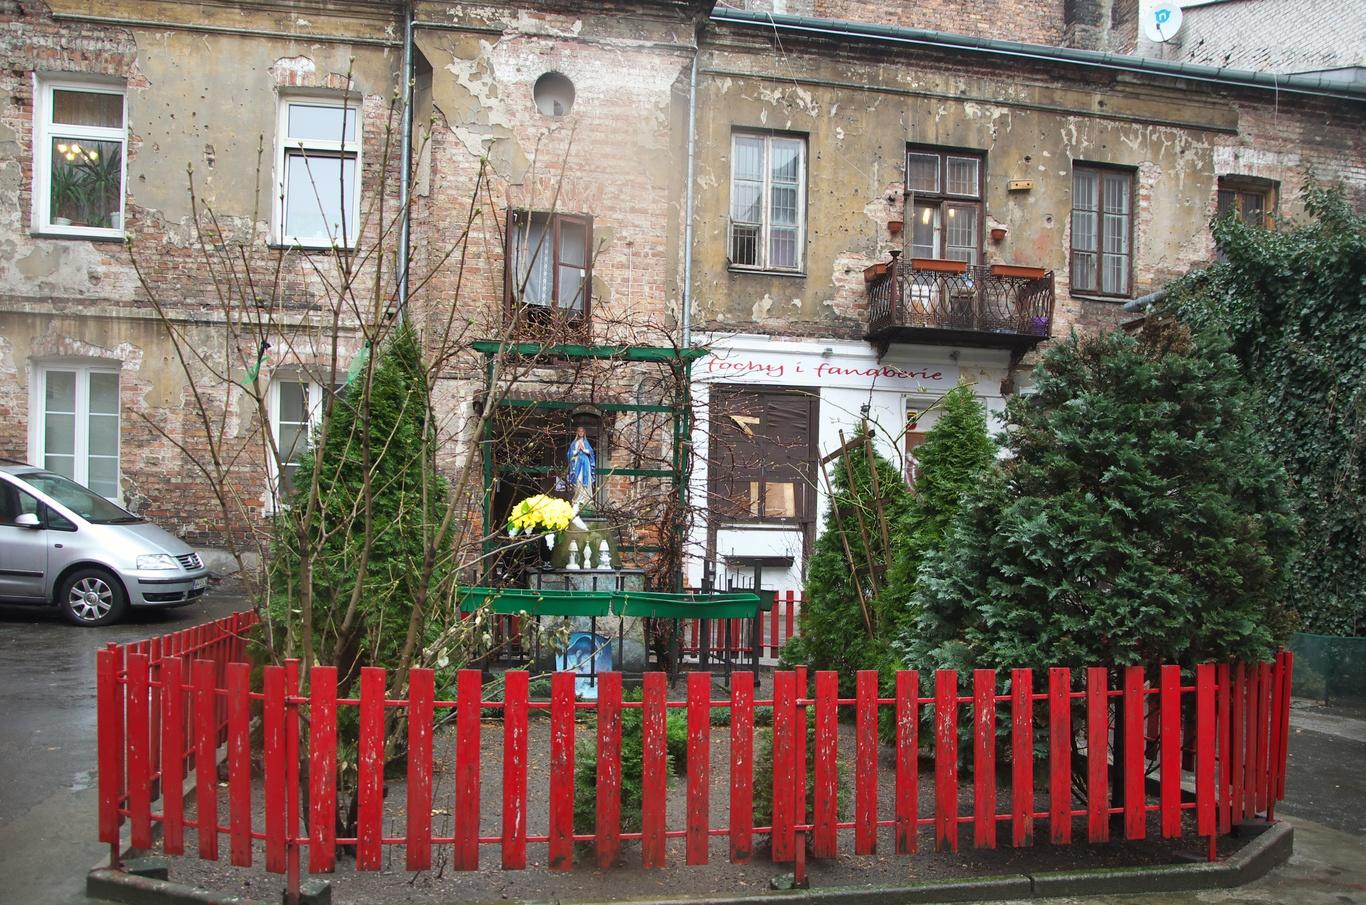 Jeden ze dvorů v ulici Ząbkowska